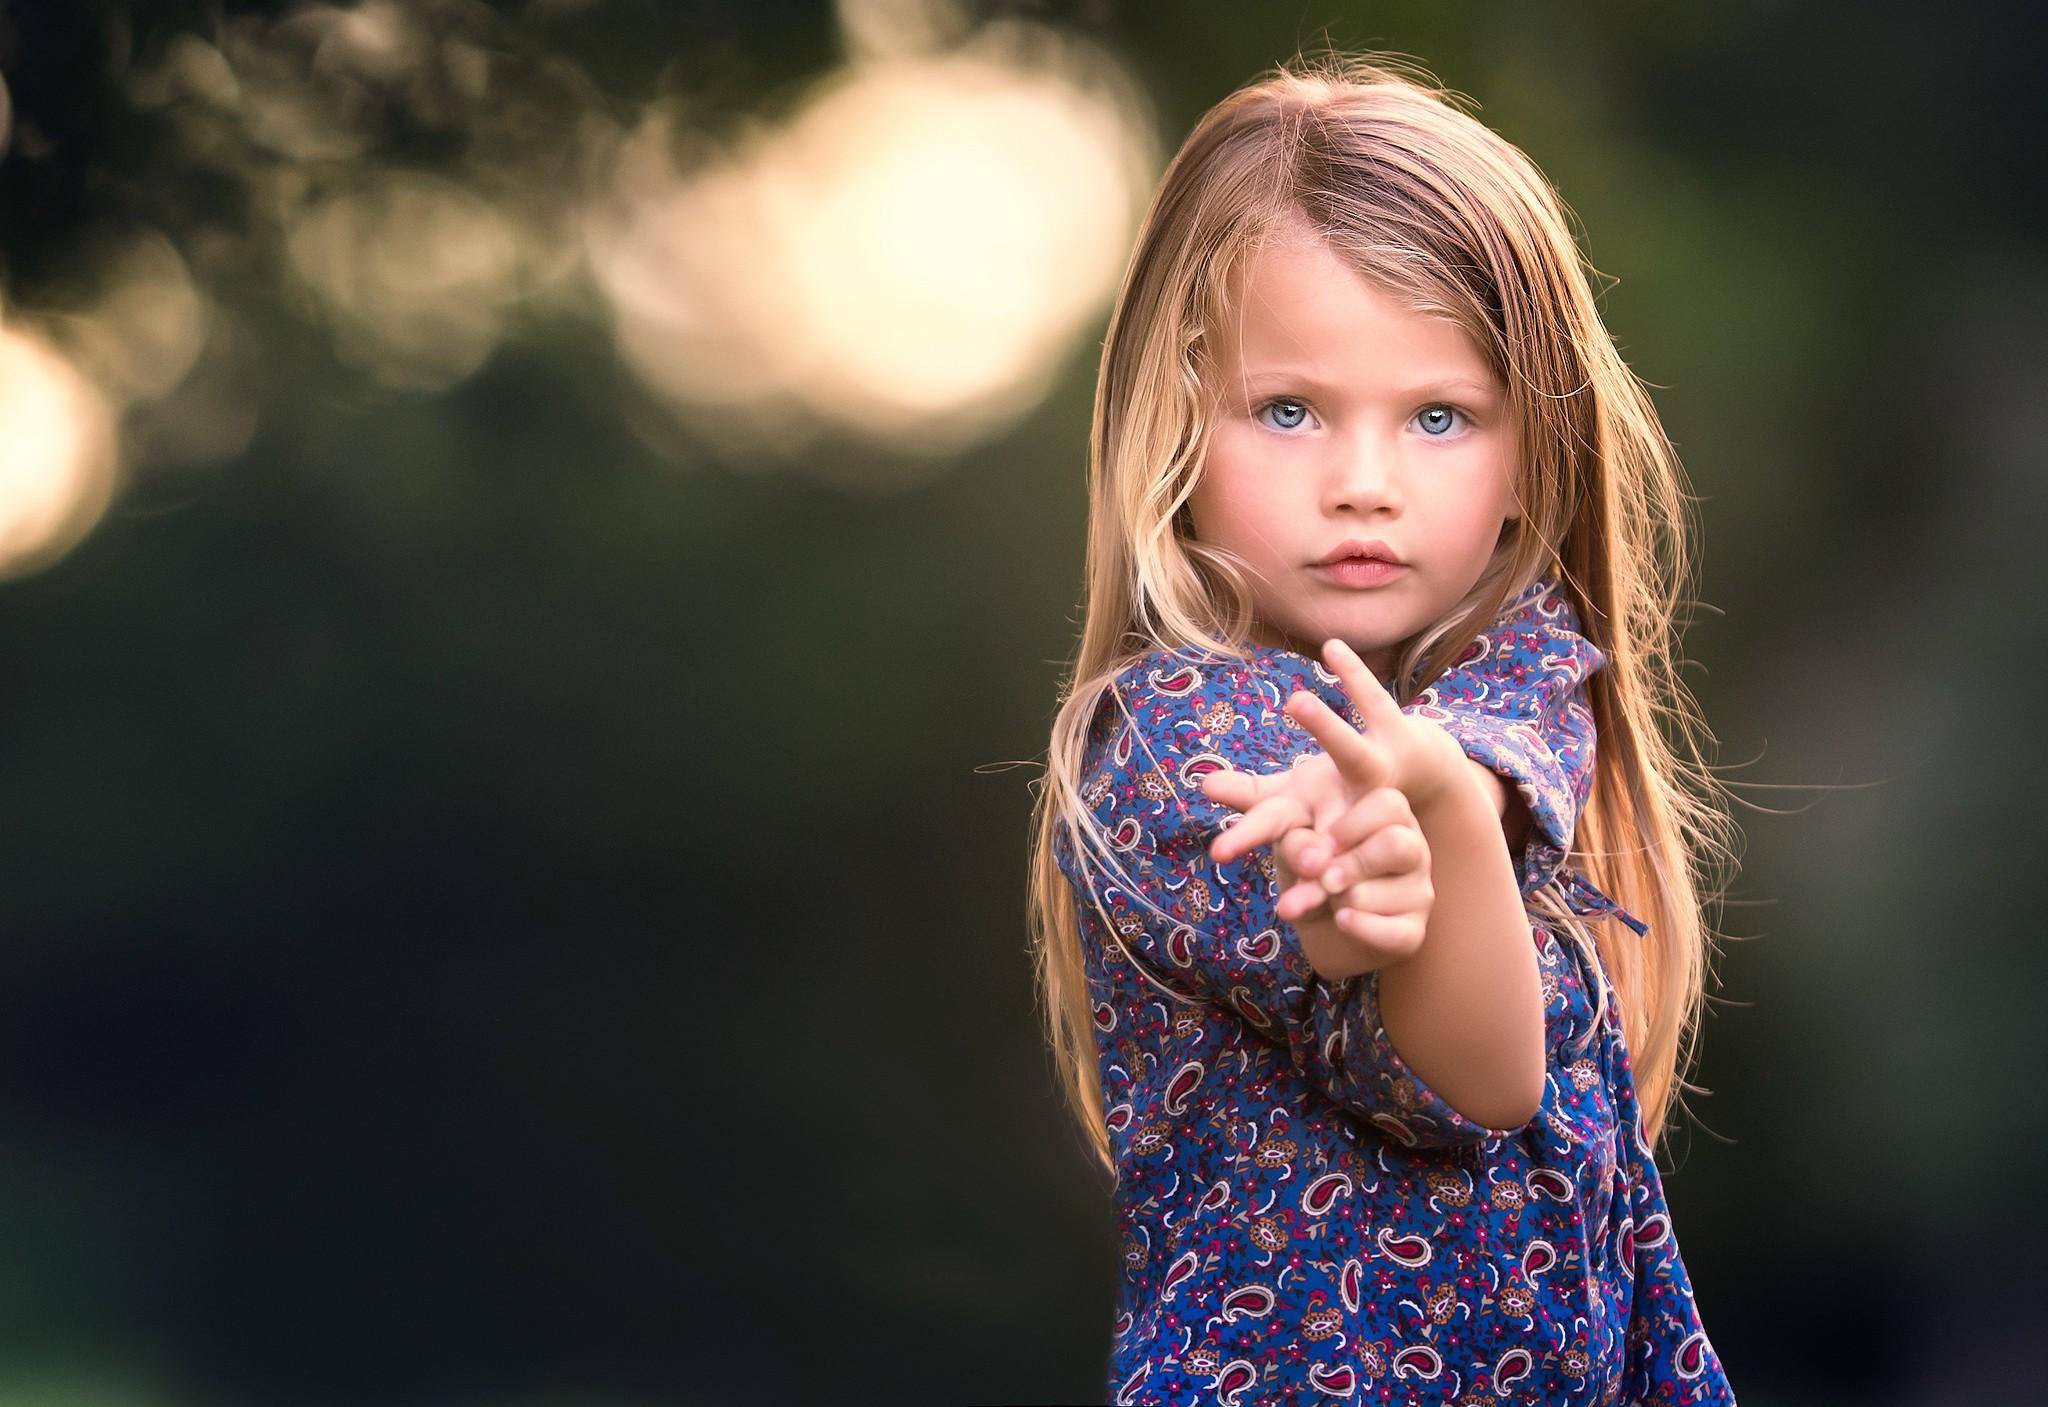 Фото девушки с маленькими, Маленькая грудьфото. Девушки с натуральной 24 фотография